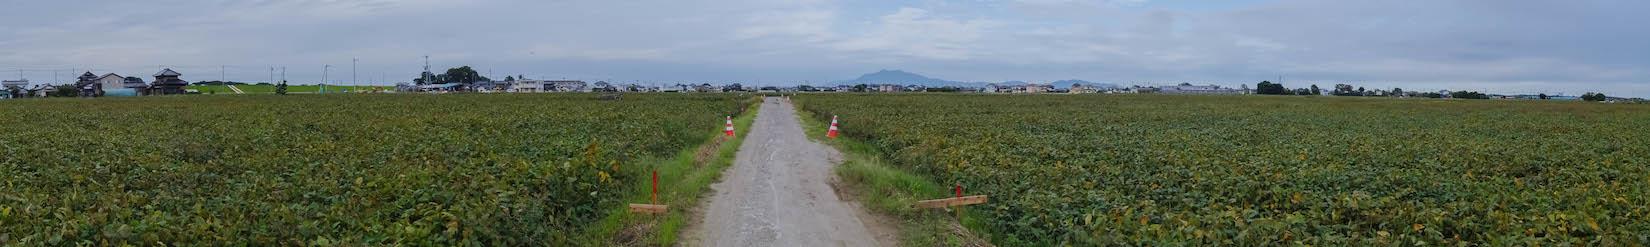 f:id:akichiniiko:20170421154047j:plain